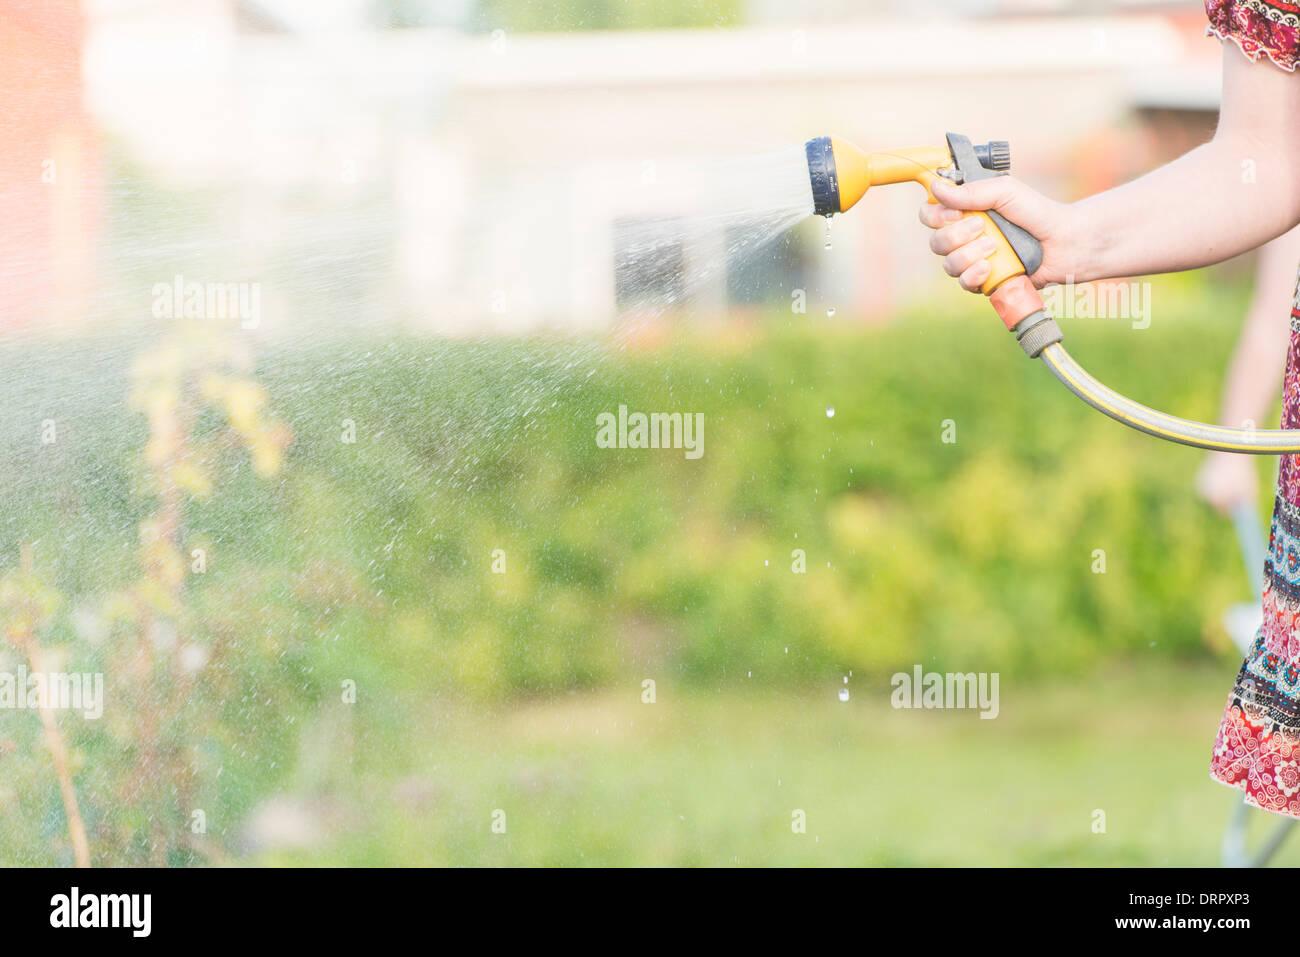 Estilo de vida escena de verano. Mujer regar plantas de jardín con rociador. Imagen De Stock